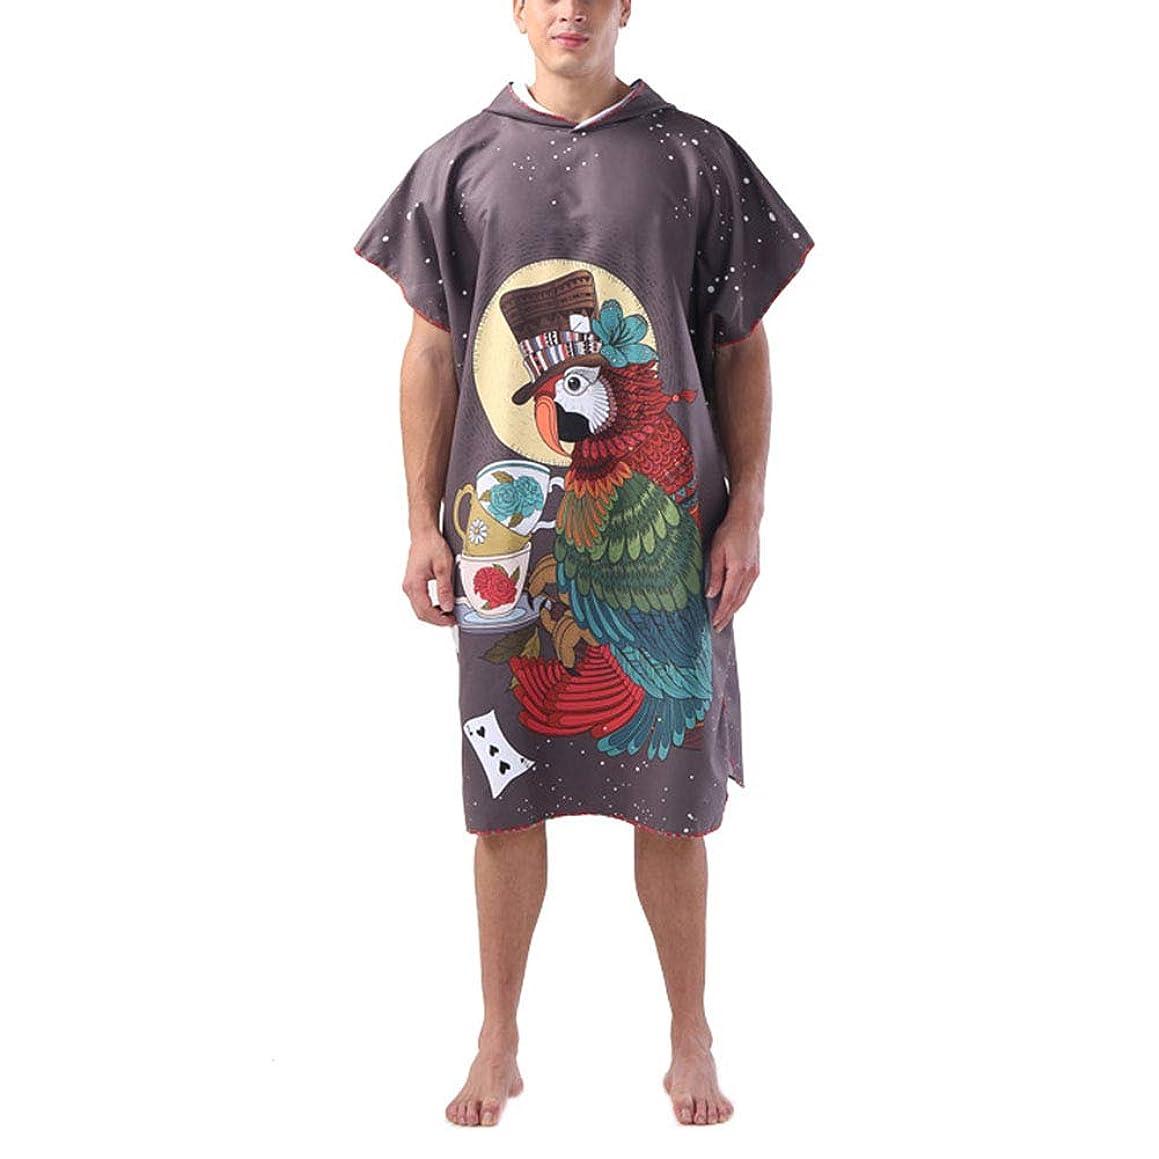 虎シングルカナダ速乾性バスローブ、ビーチマント、バスタオル、更衣室、バスタオル、成人ファッション、速乾性バスタオル水泳、フィットネス-8-110*88cm